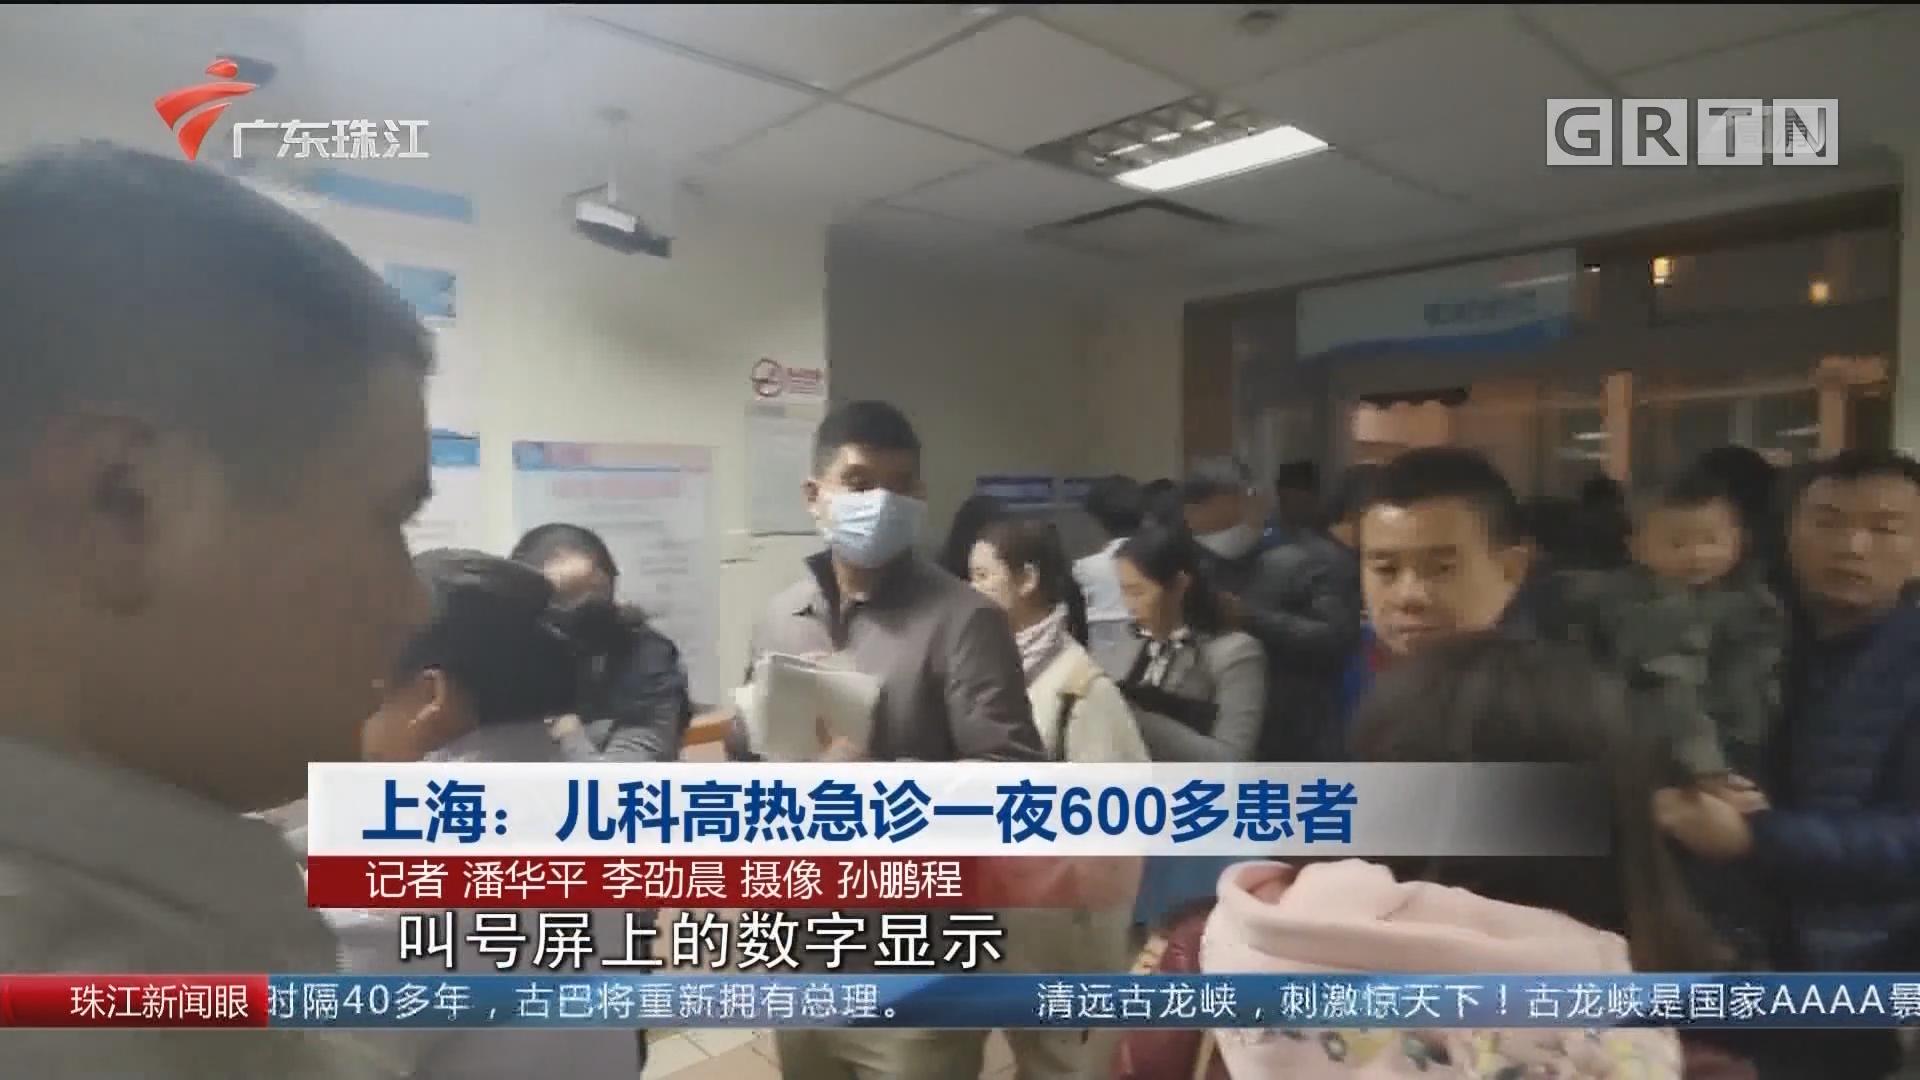 上海:儿科高热急诊一夜600多患者